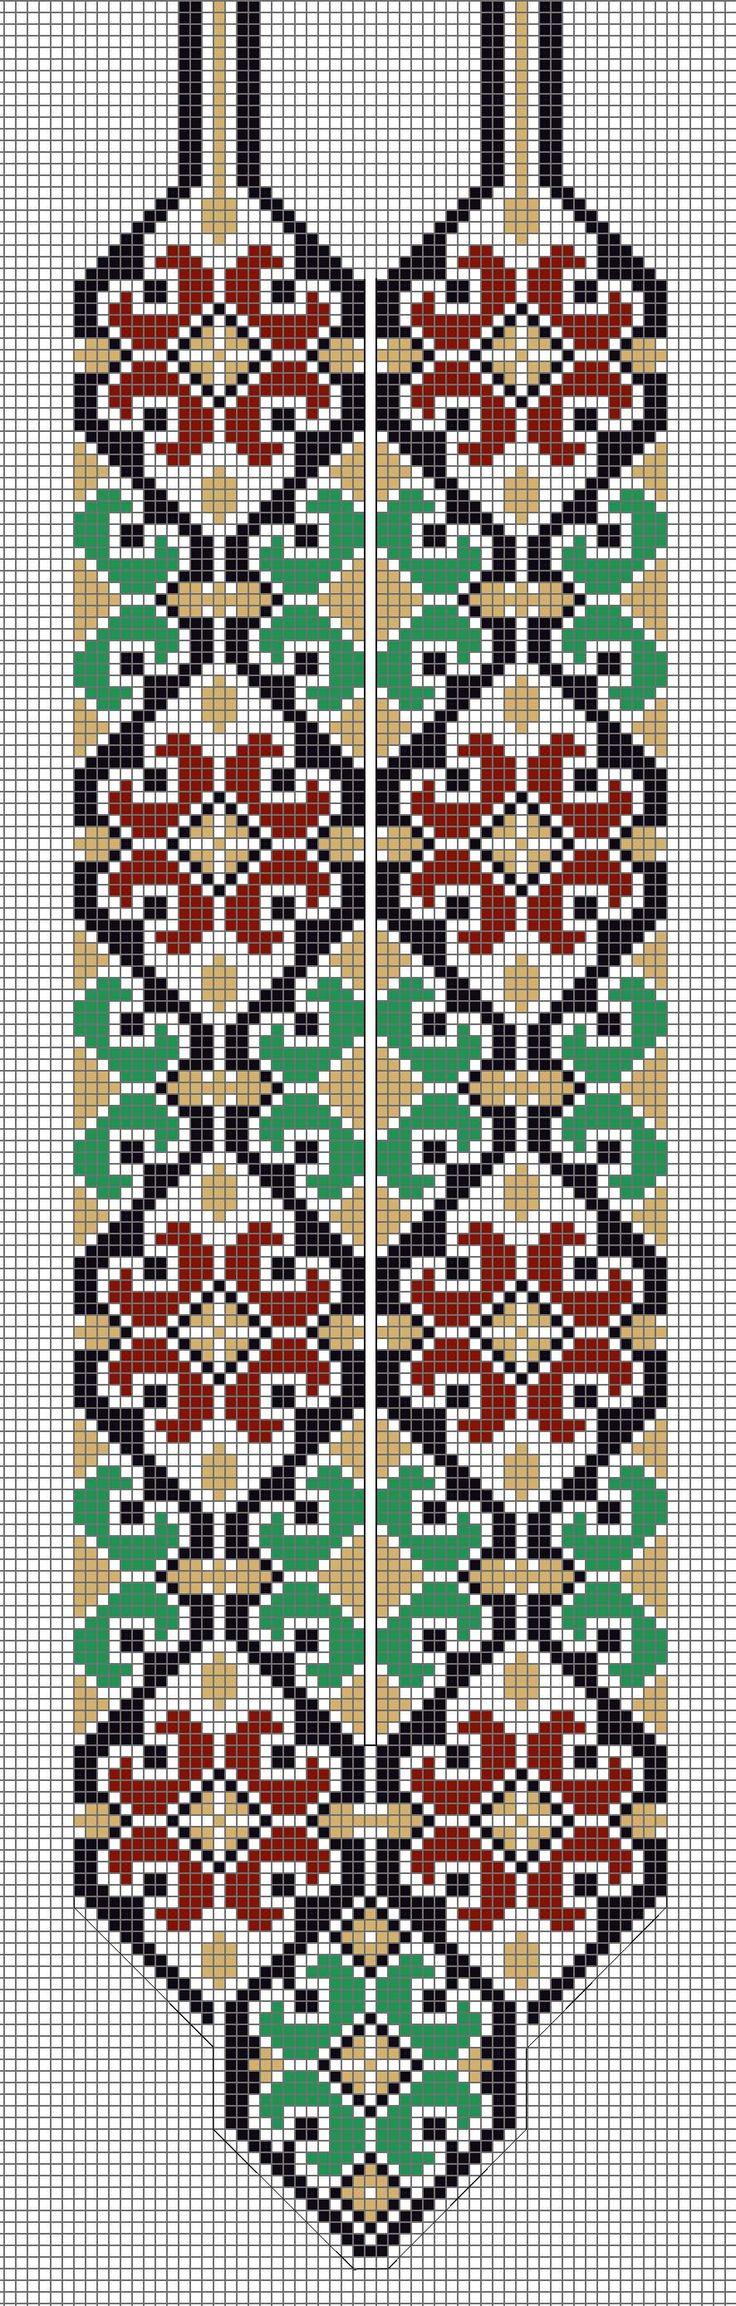 Necklace, Gerdan Loom Pattern - Source: https://s-media-cache-ak0.pinimg.com/originals/93/8a/79/938a79f1014d6991a9dfef04b61d19c9.jpg   Fran